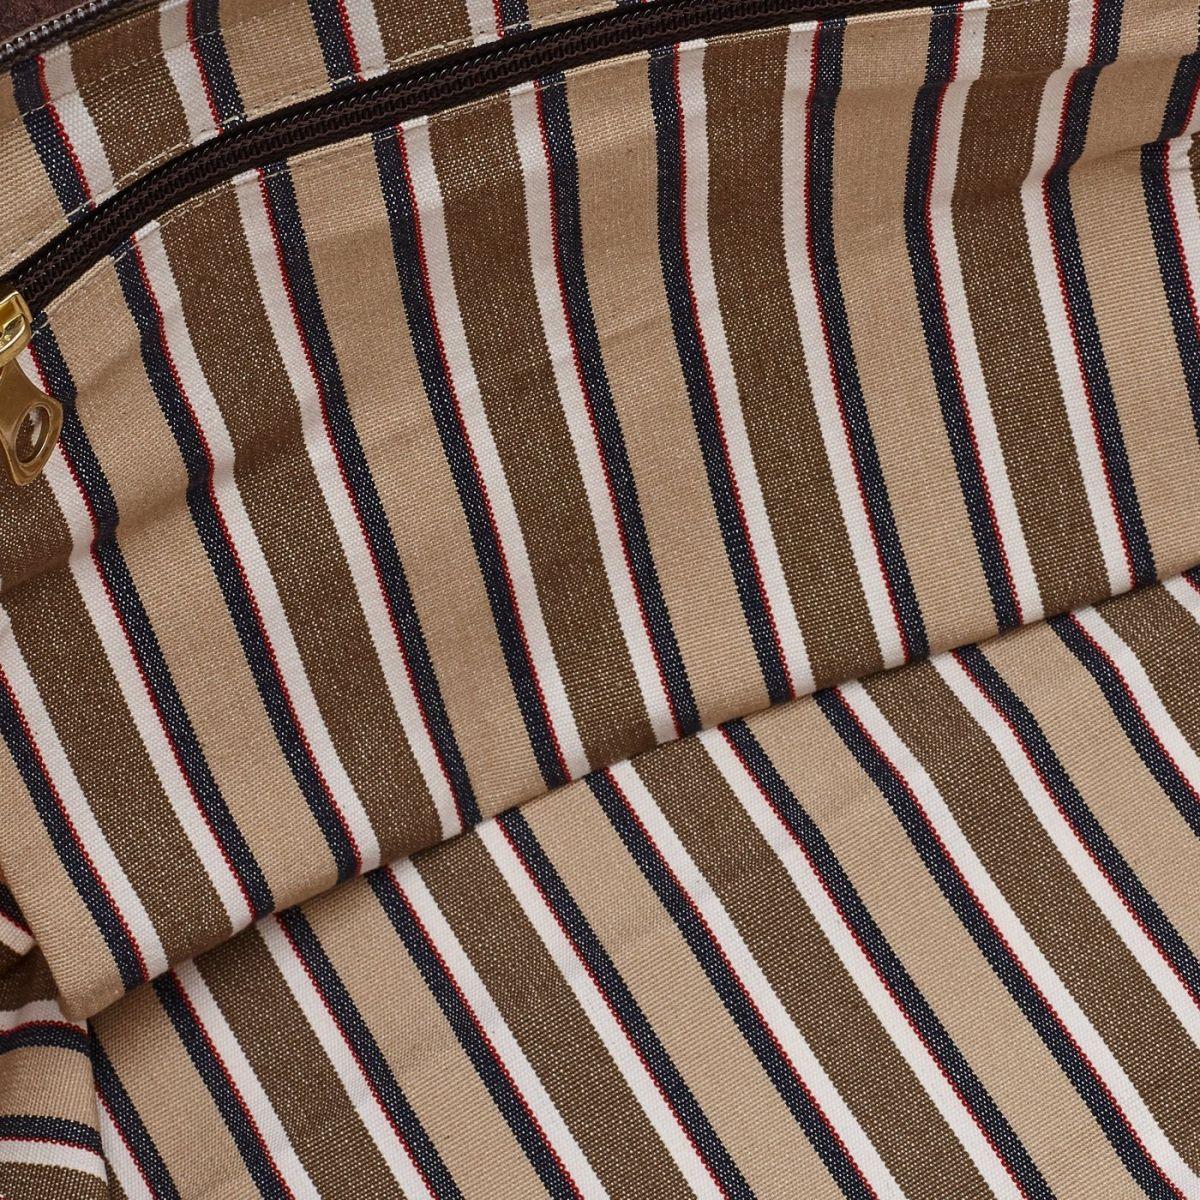 Caramella  - Borsa A Spalla da Donna  in Cotone A Strisce BSH112 colore Multicolor | Details